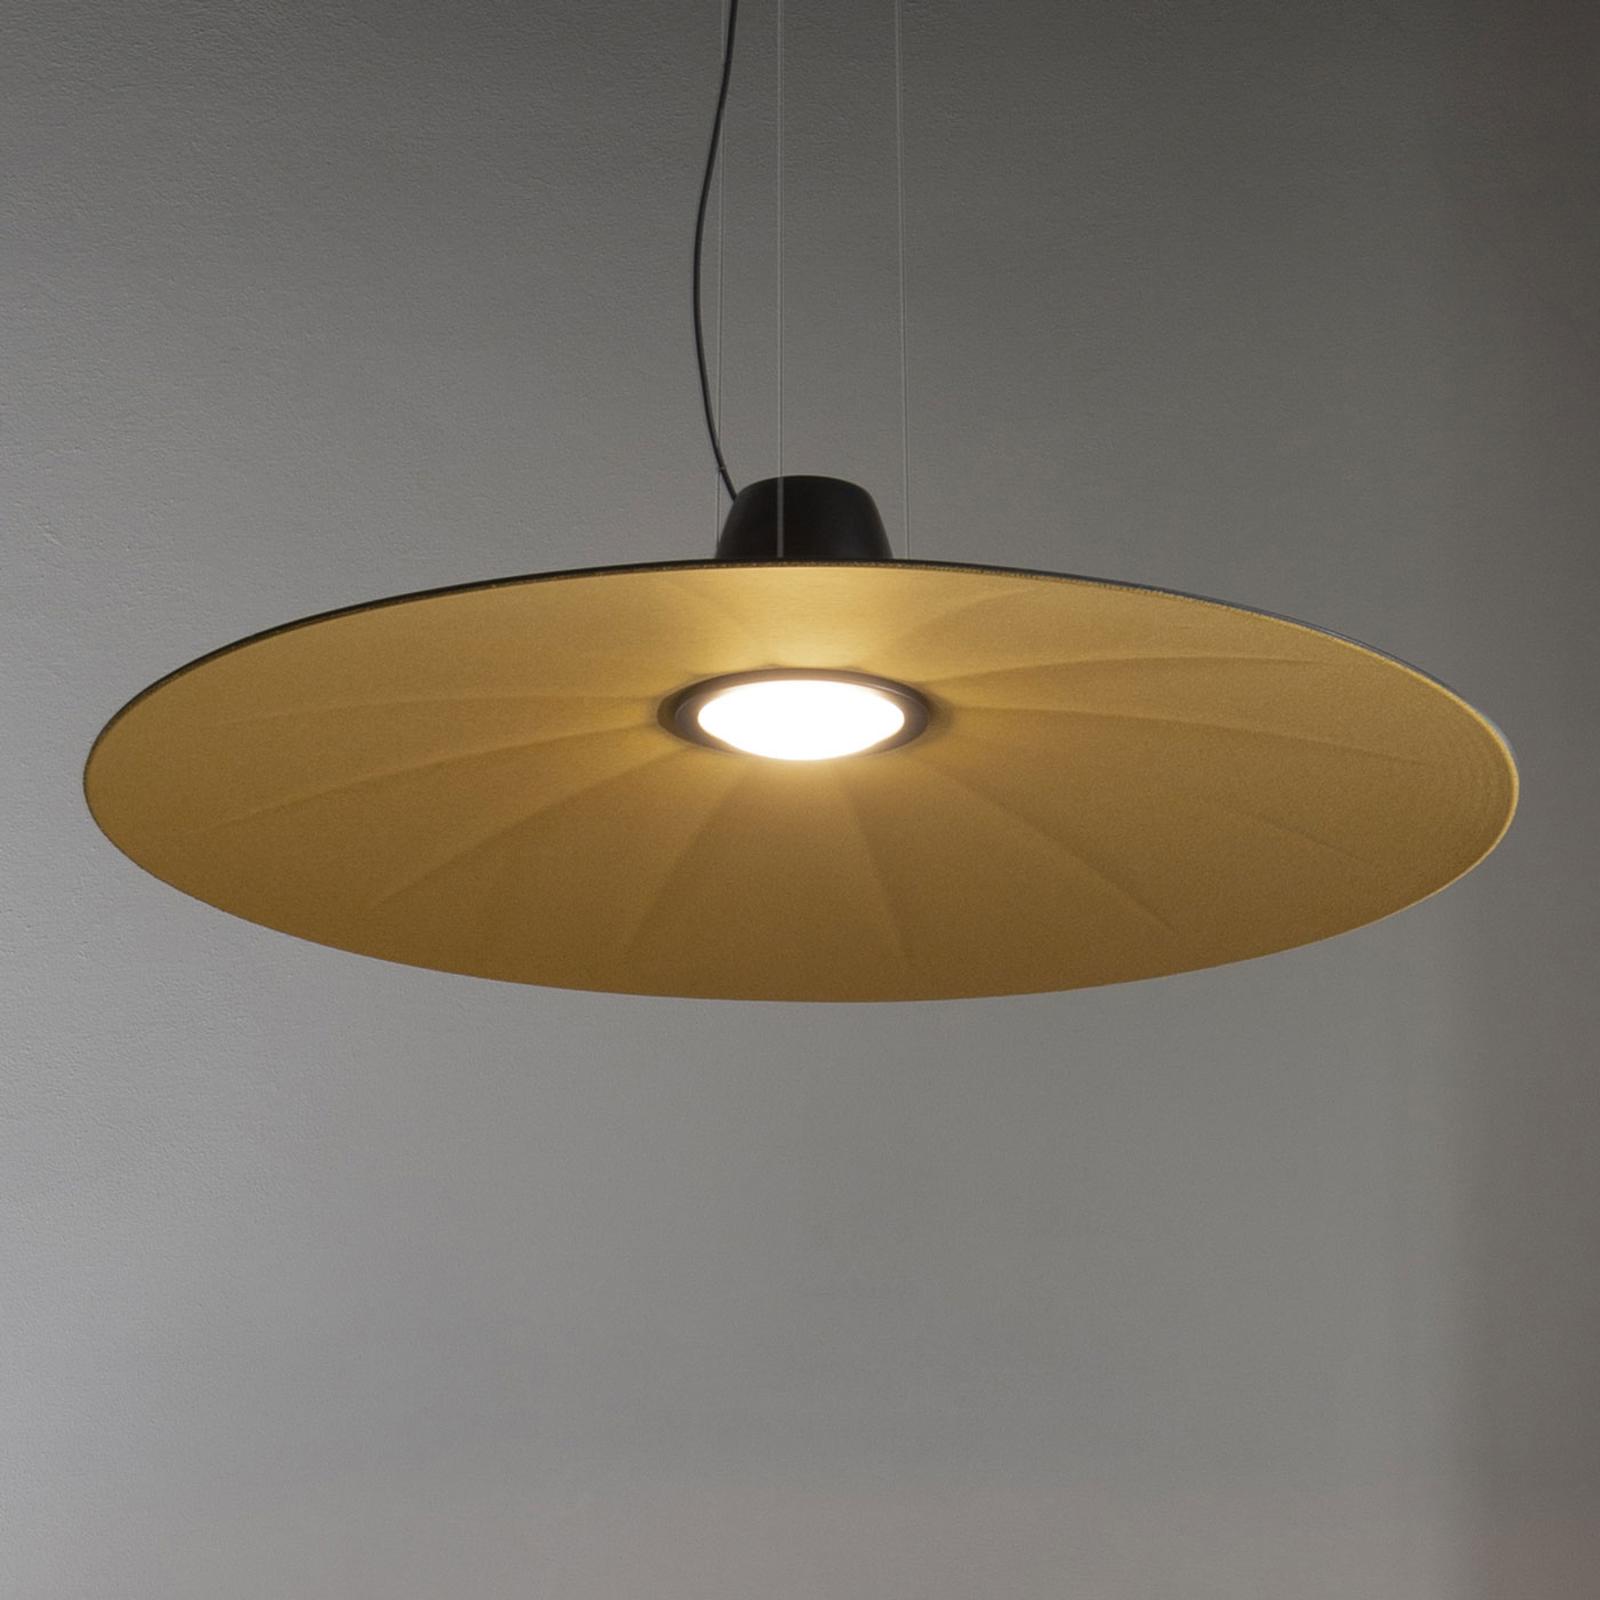 Martinelli Luce Lent LED-Hängeleuchte, gelb